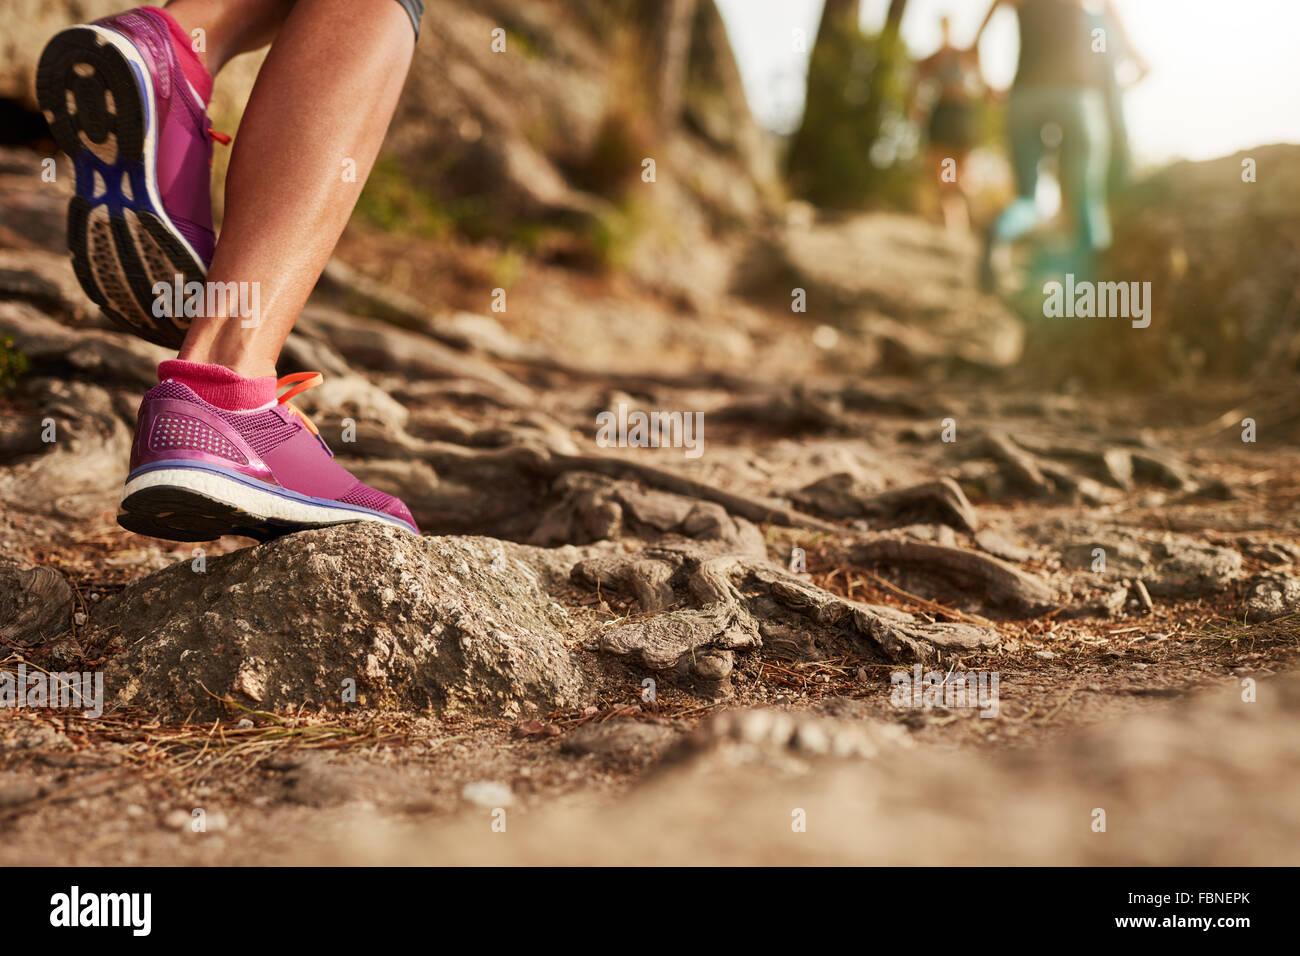 Close up di un atleta di piedi indossando calzature sportive su un impegnativo sterrato. Trail Running allenamento Immagini Stock